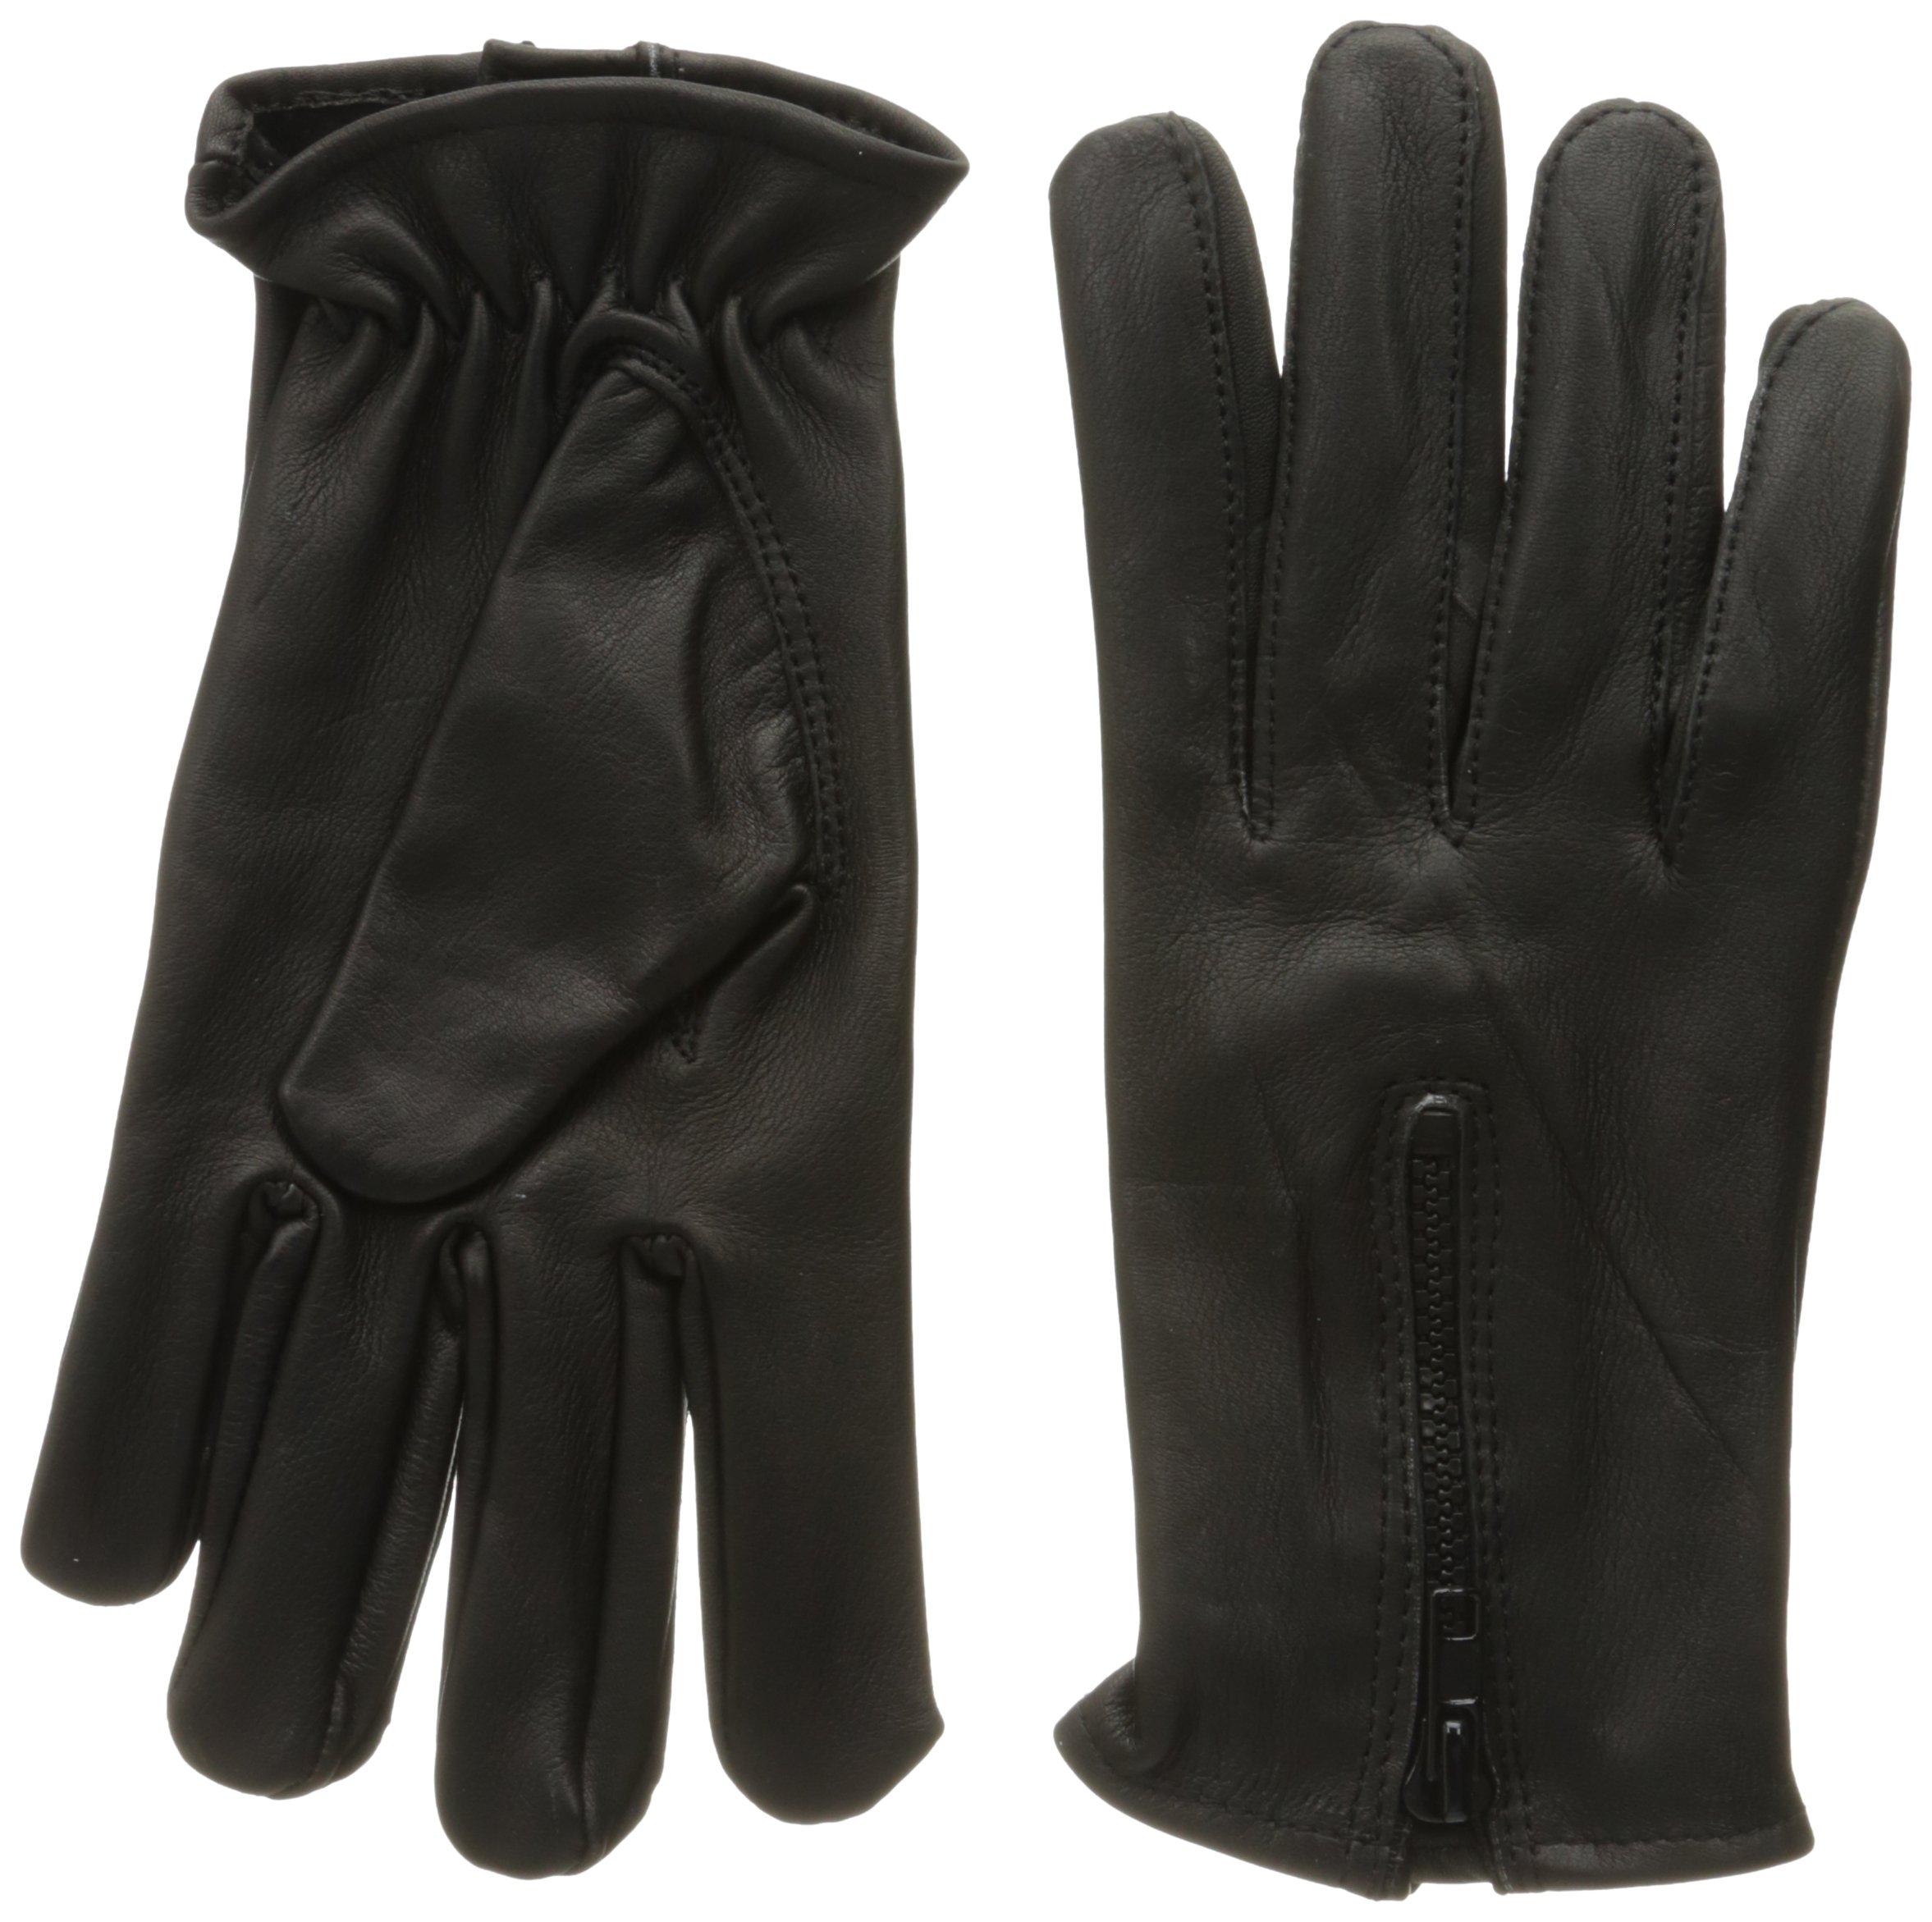 Shaf International Men's Deerskin Driving Gloves (Black, Medium) by Shaf International (Image #1)